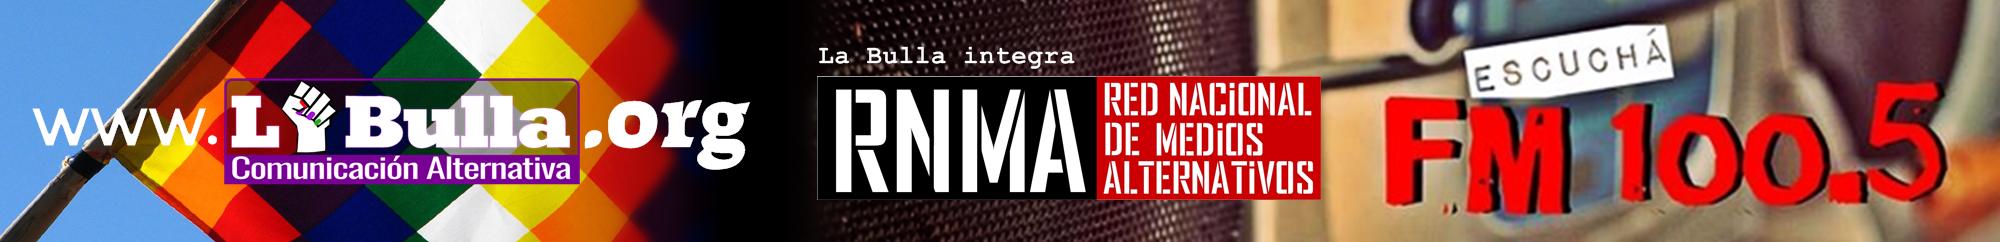 La Bulla | Comunicación Alternativa.